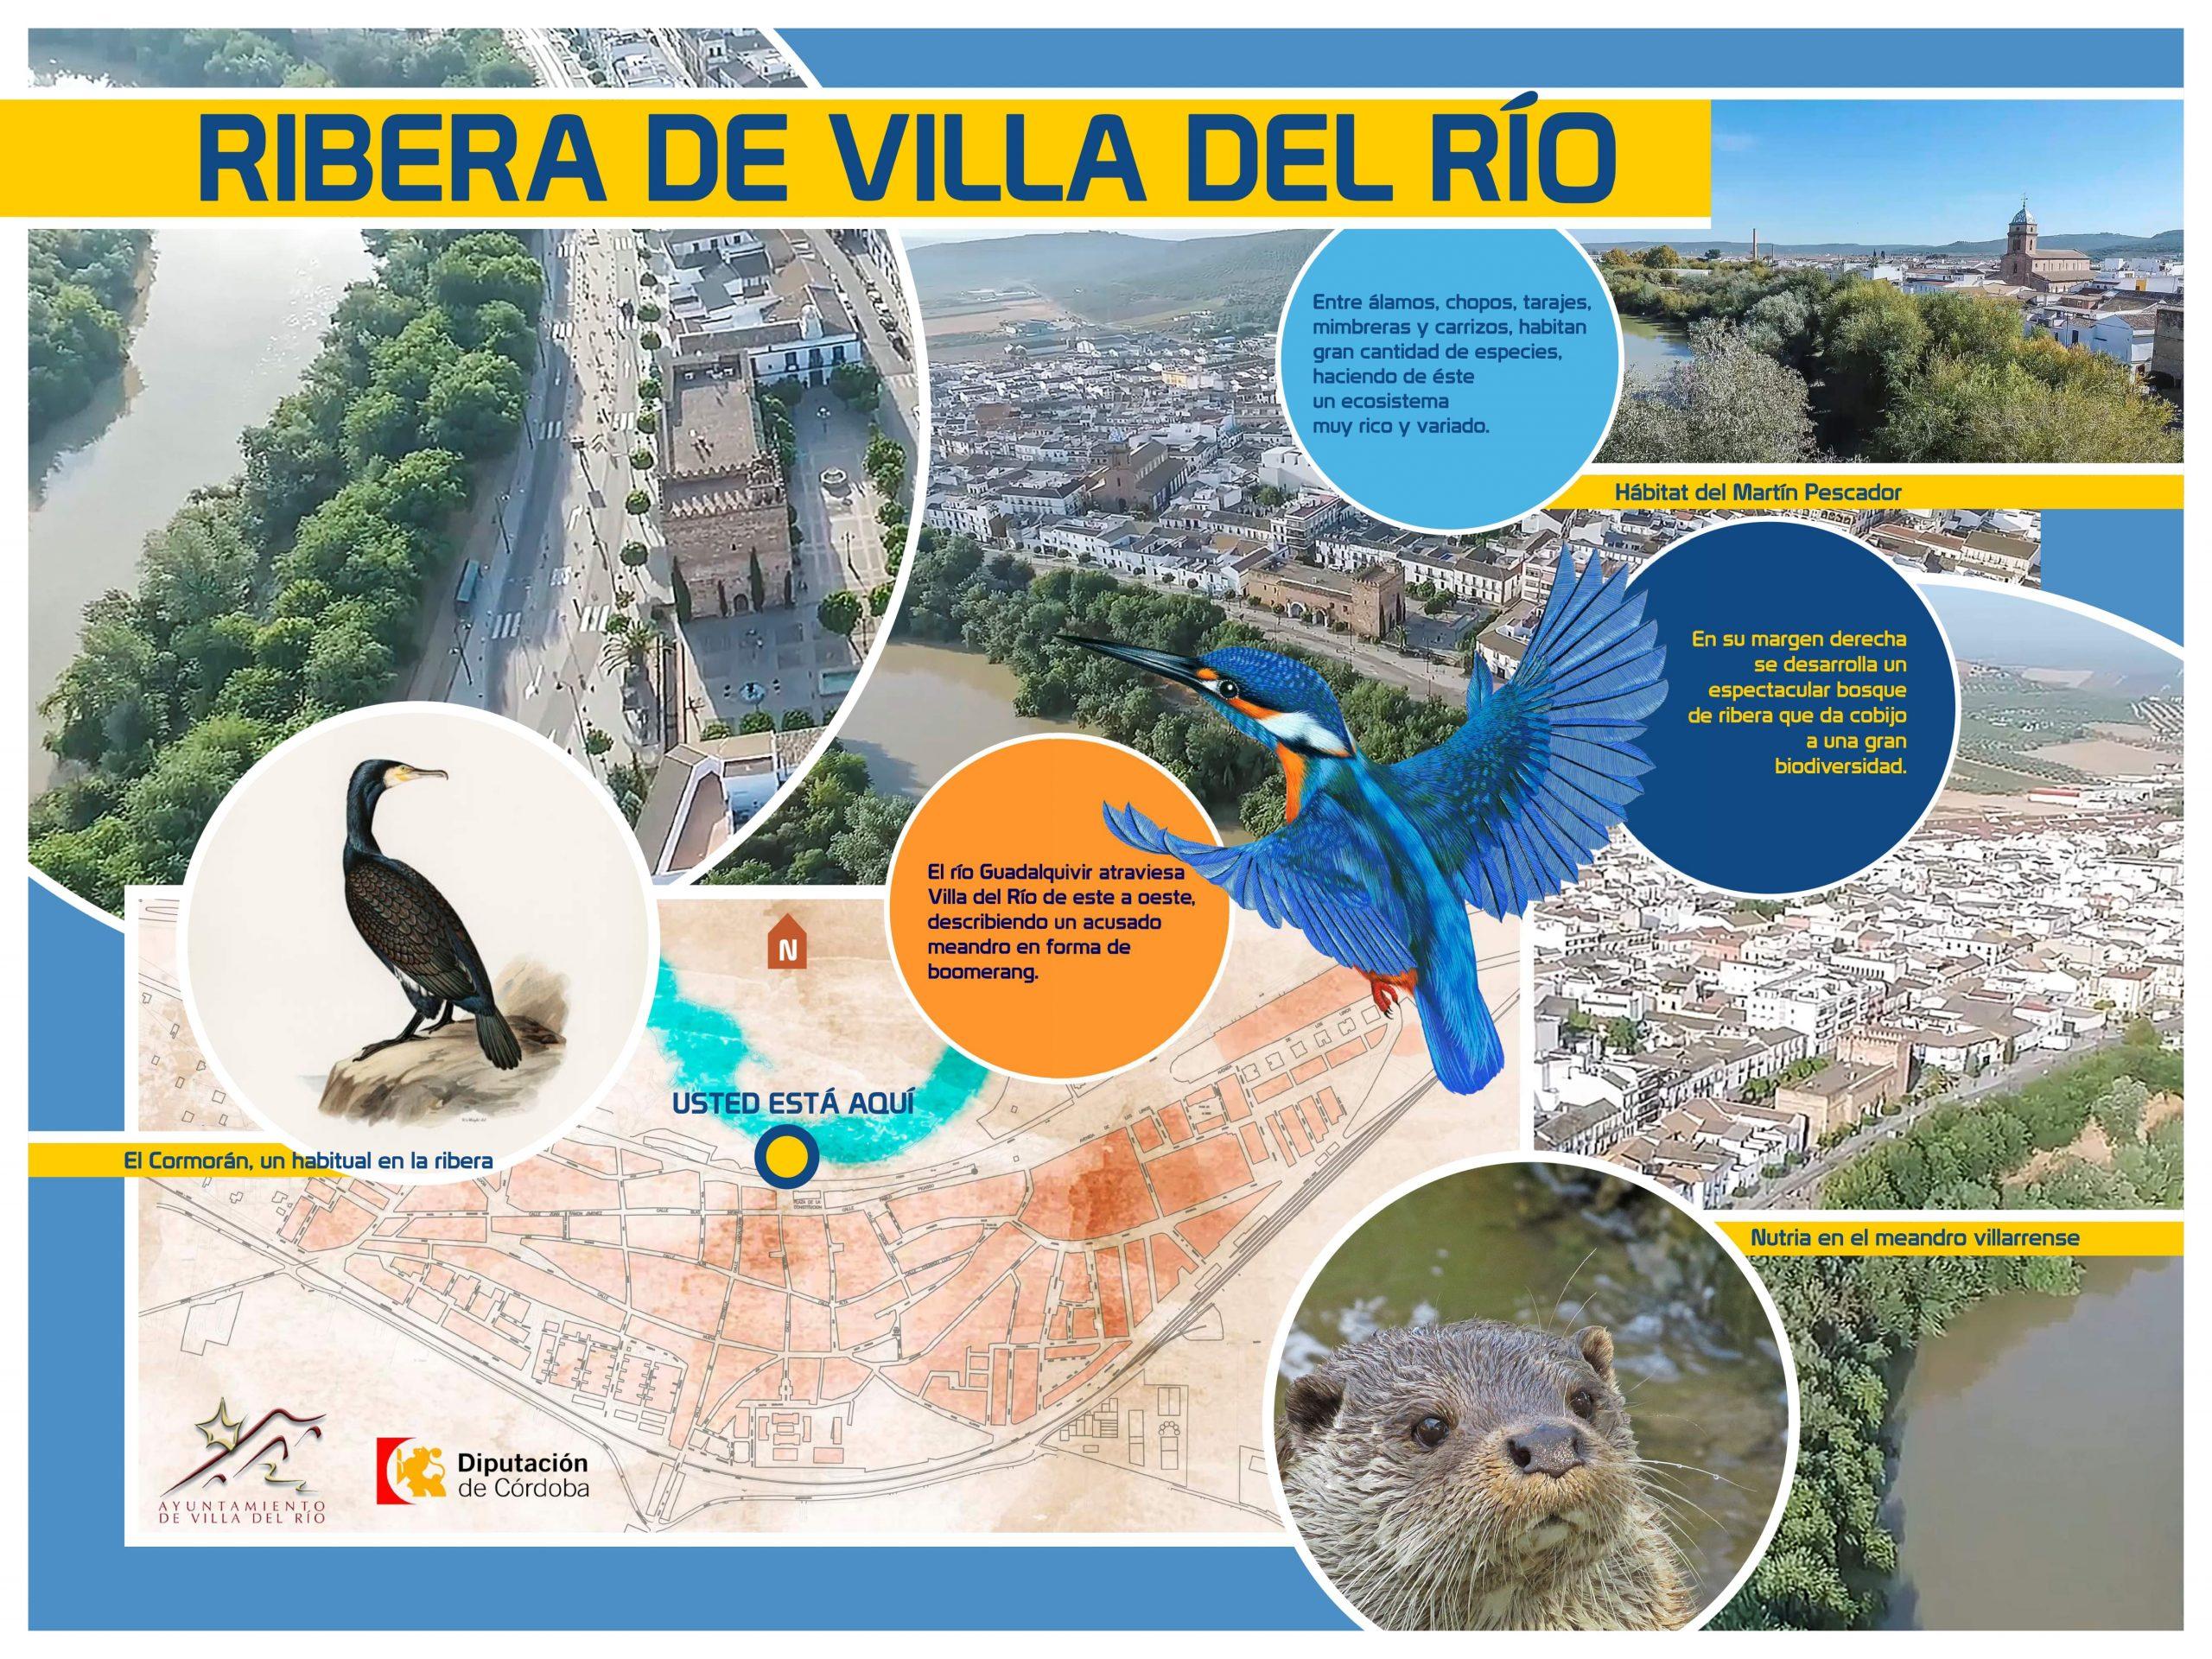 La ribera de Villa del Río